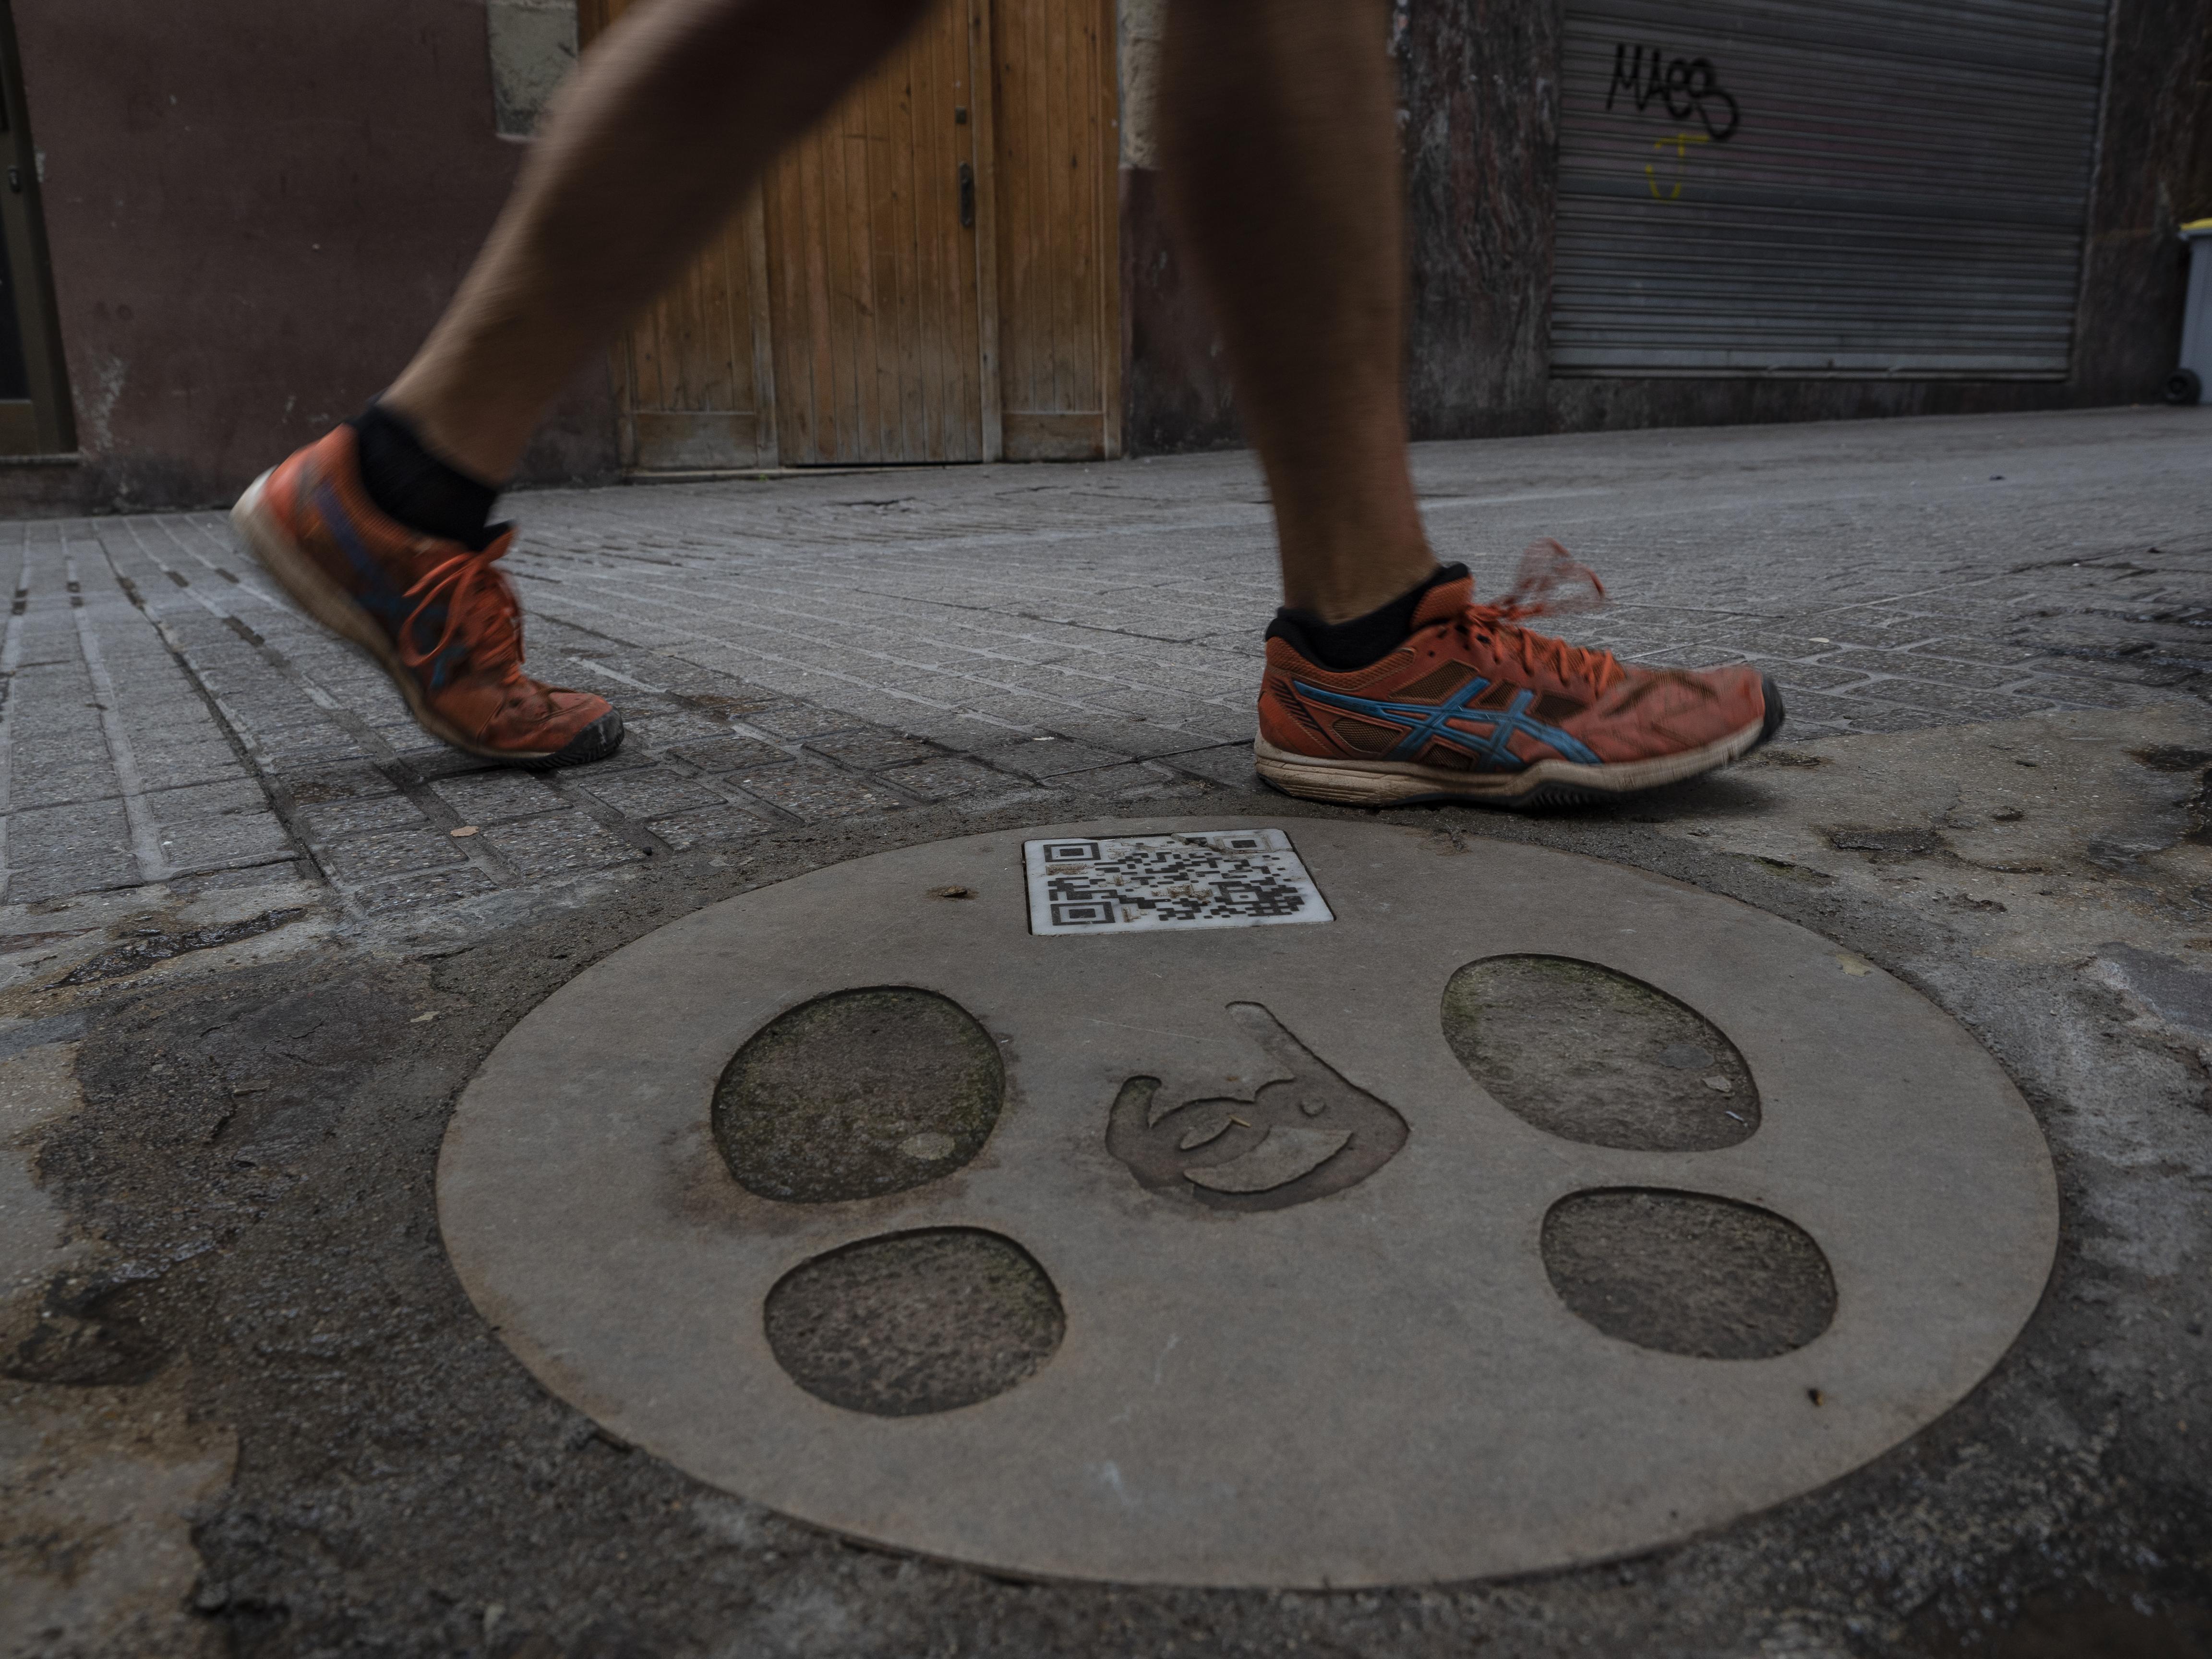 Els carrers del casc antic de Berga són plens de simbologia patumaire. FOTO: Anna E. Puig